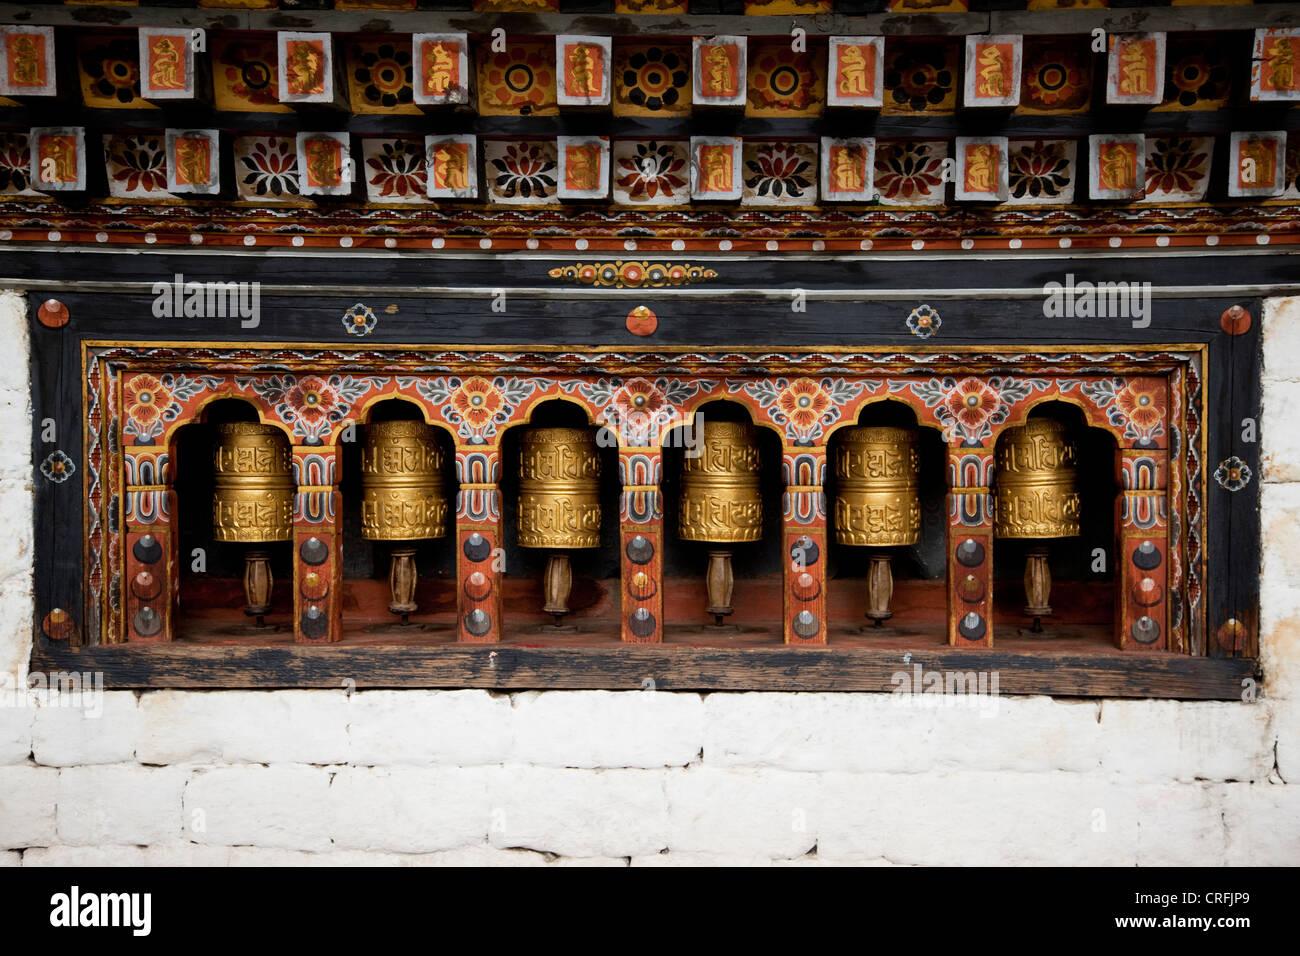 Roues de prière dans une alcôve dans le mur d'un temple bhoutanais Photo Stock